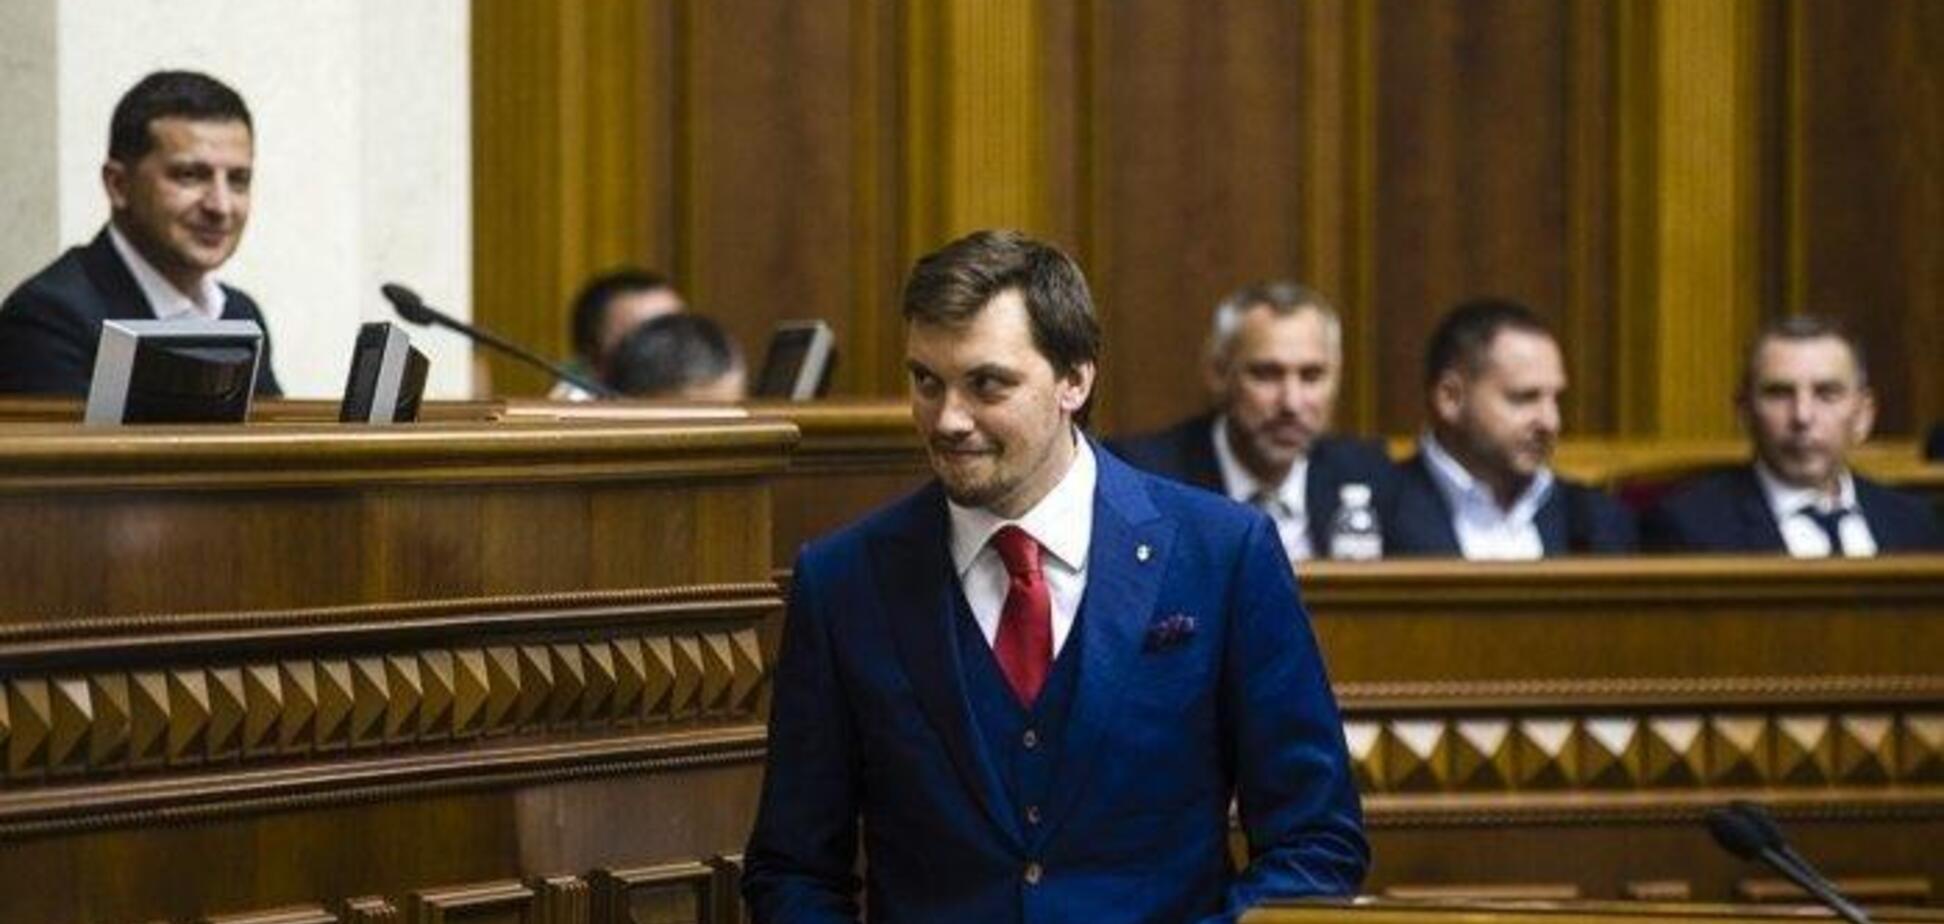 'Хоч не корупціонер!' 'Плівки Гончарука' викликали гучний скандал у мережі